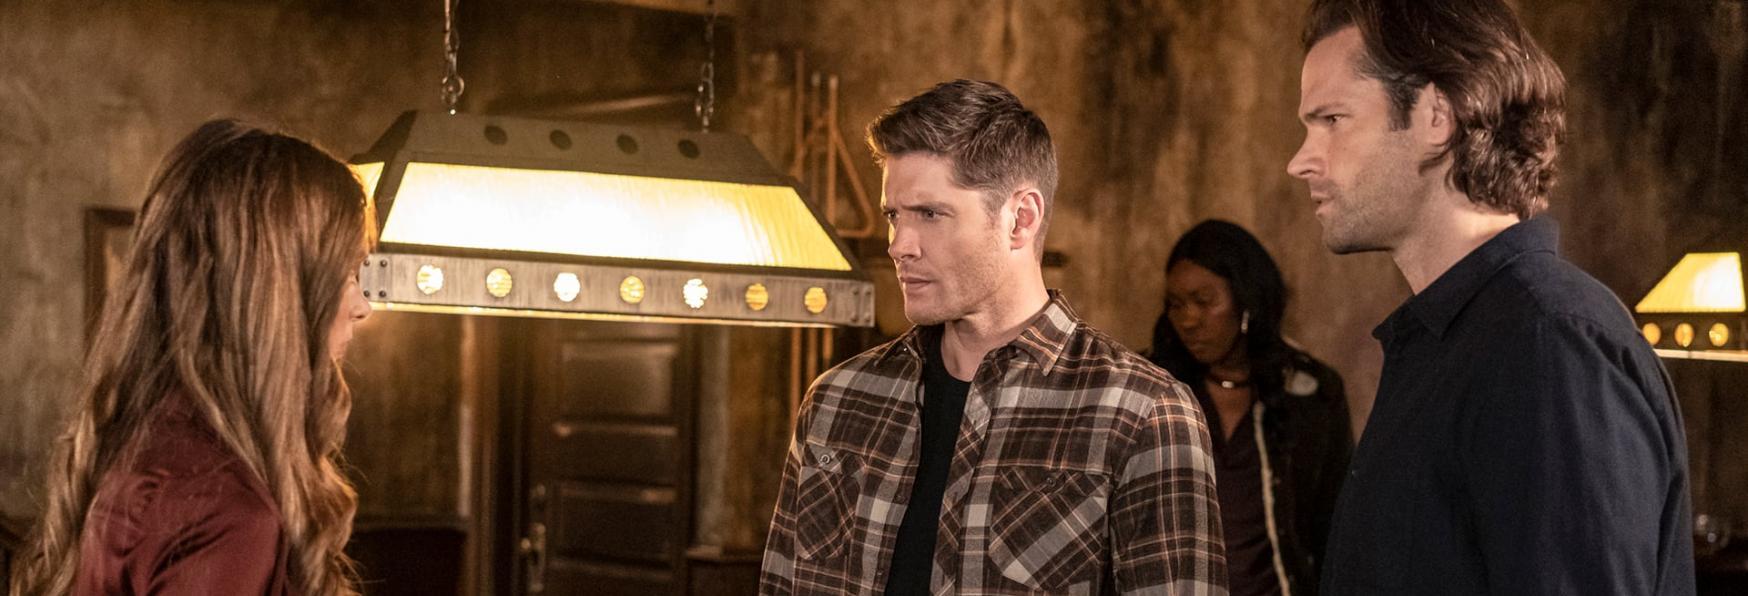 Supernatural: gli Attori svelano come il Coronavirus influenzerà la Serie TV